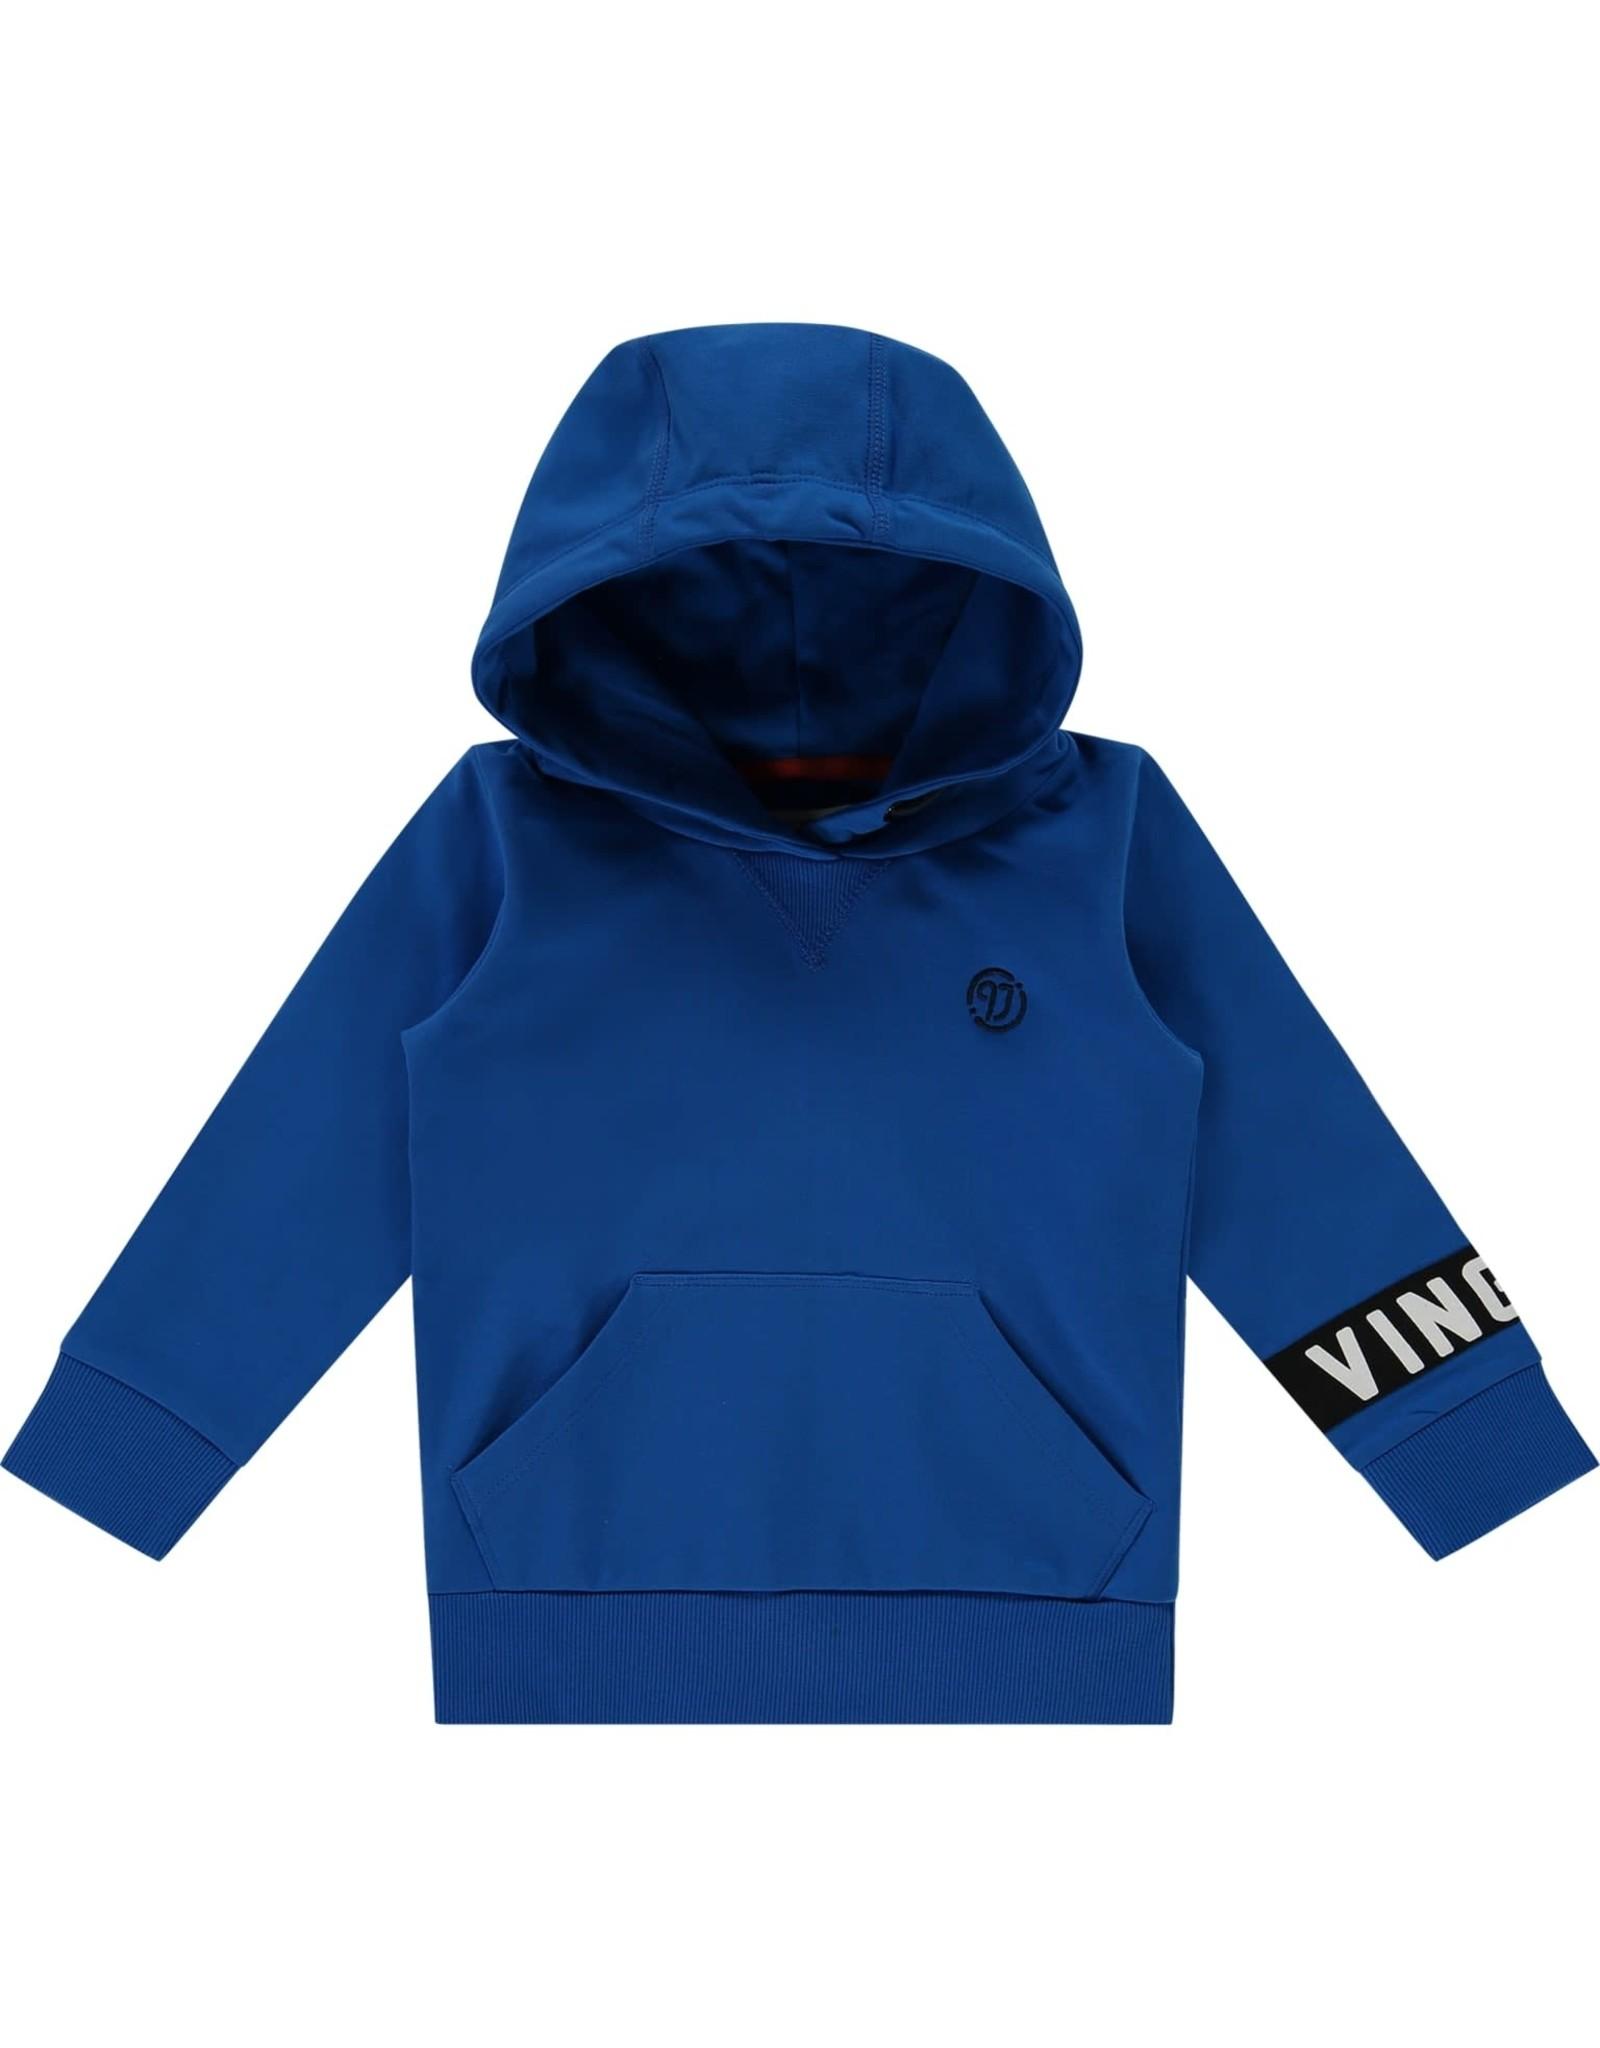 Vingino Vingino jongens hoodie Nevin Mini Capri Blue